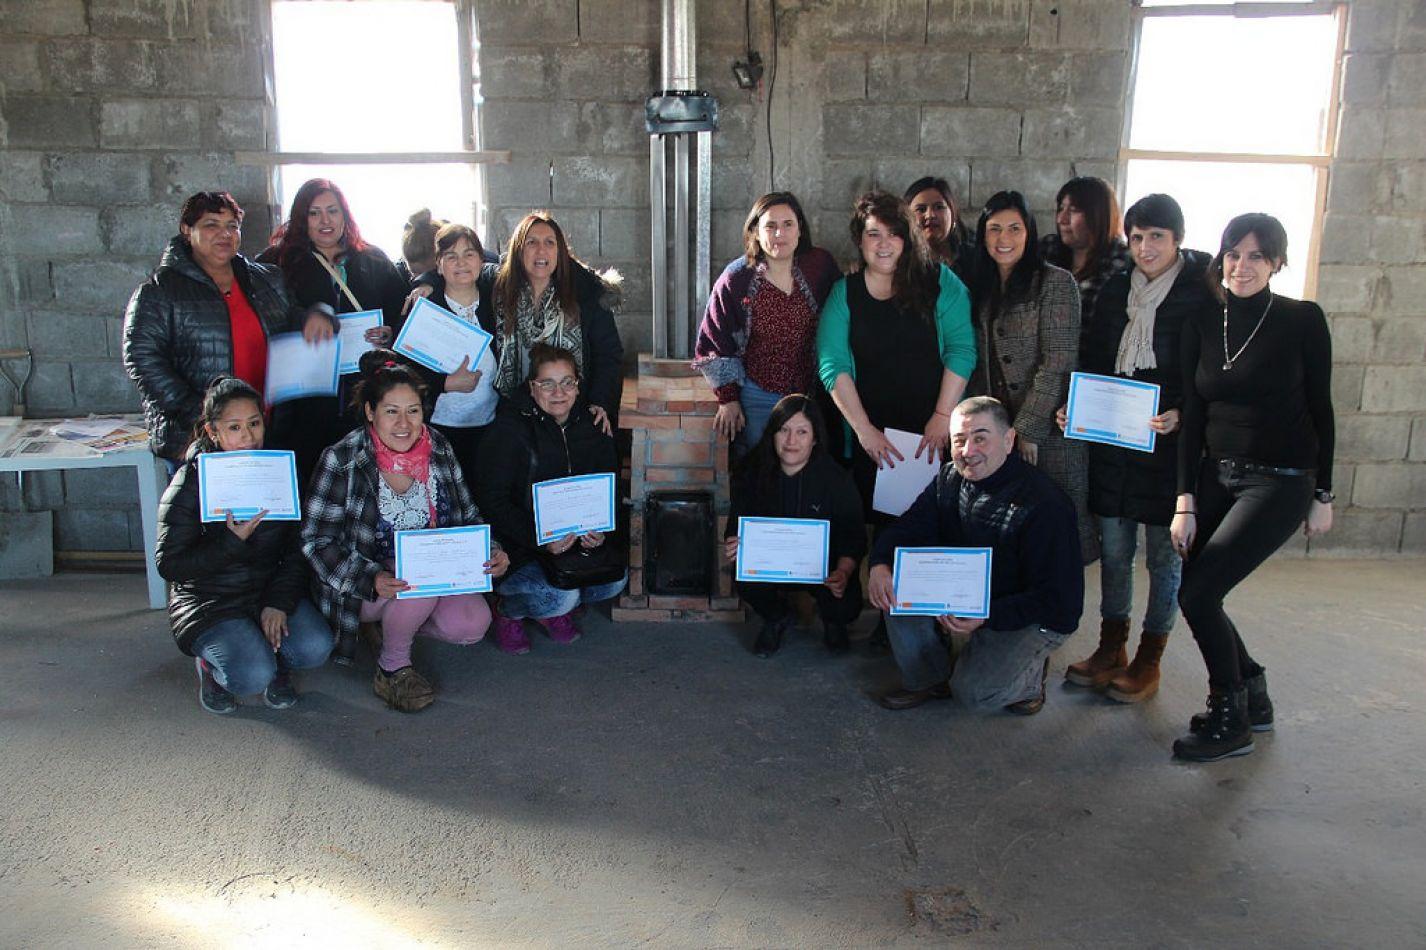 Gobierno entregó diplomas a participantes del taller de estufas SARA